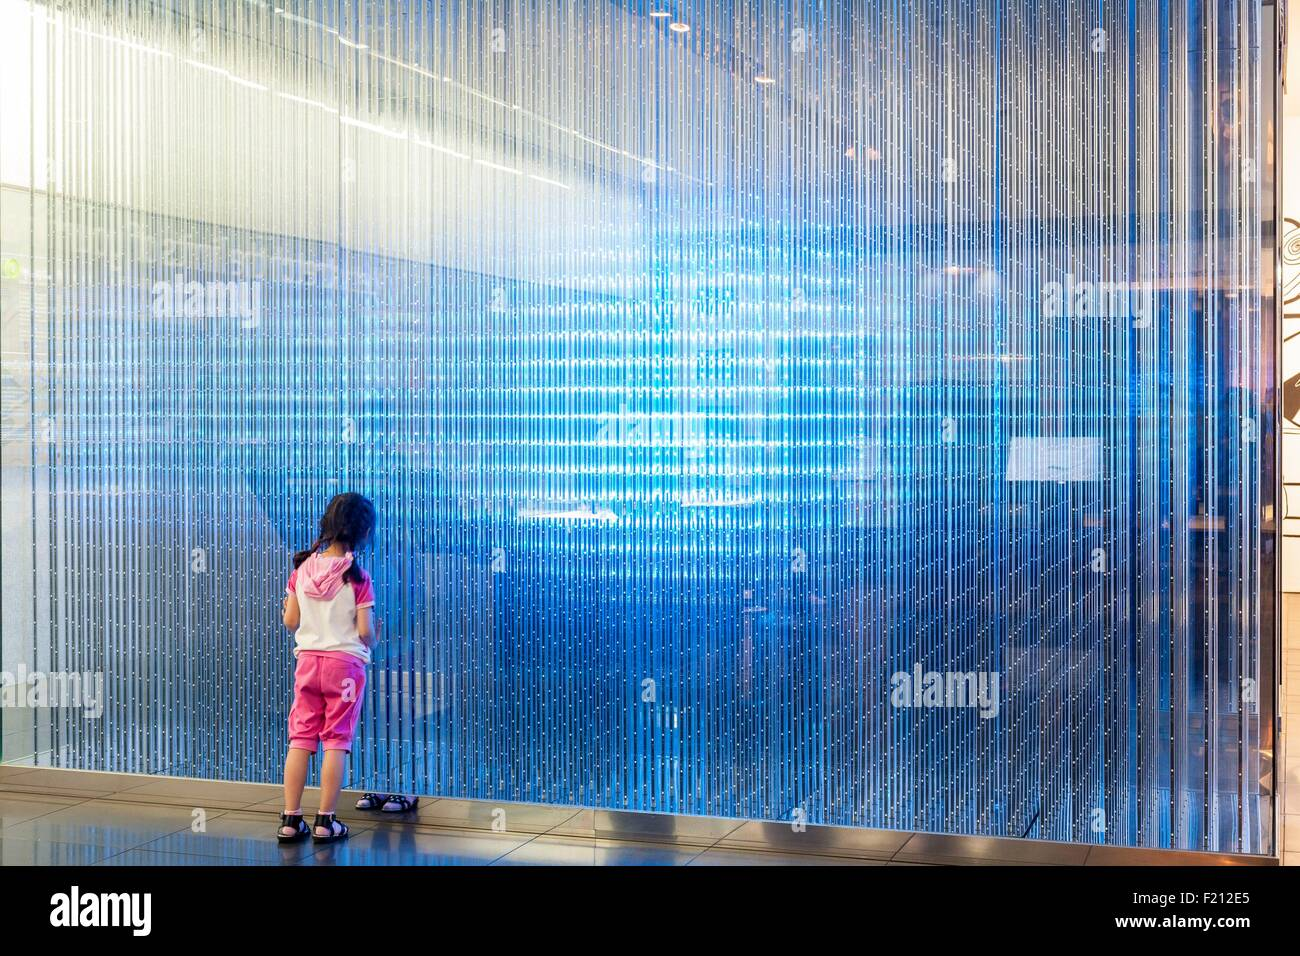 Corea del Sud, Seoul Seocho-gu, Samsung Iight, showroom del marchio coreano Samsung Immagini Stock